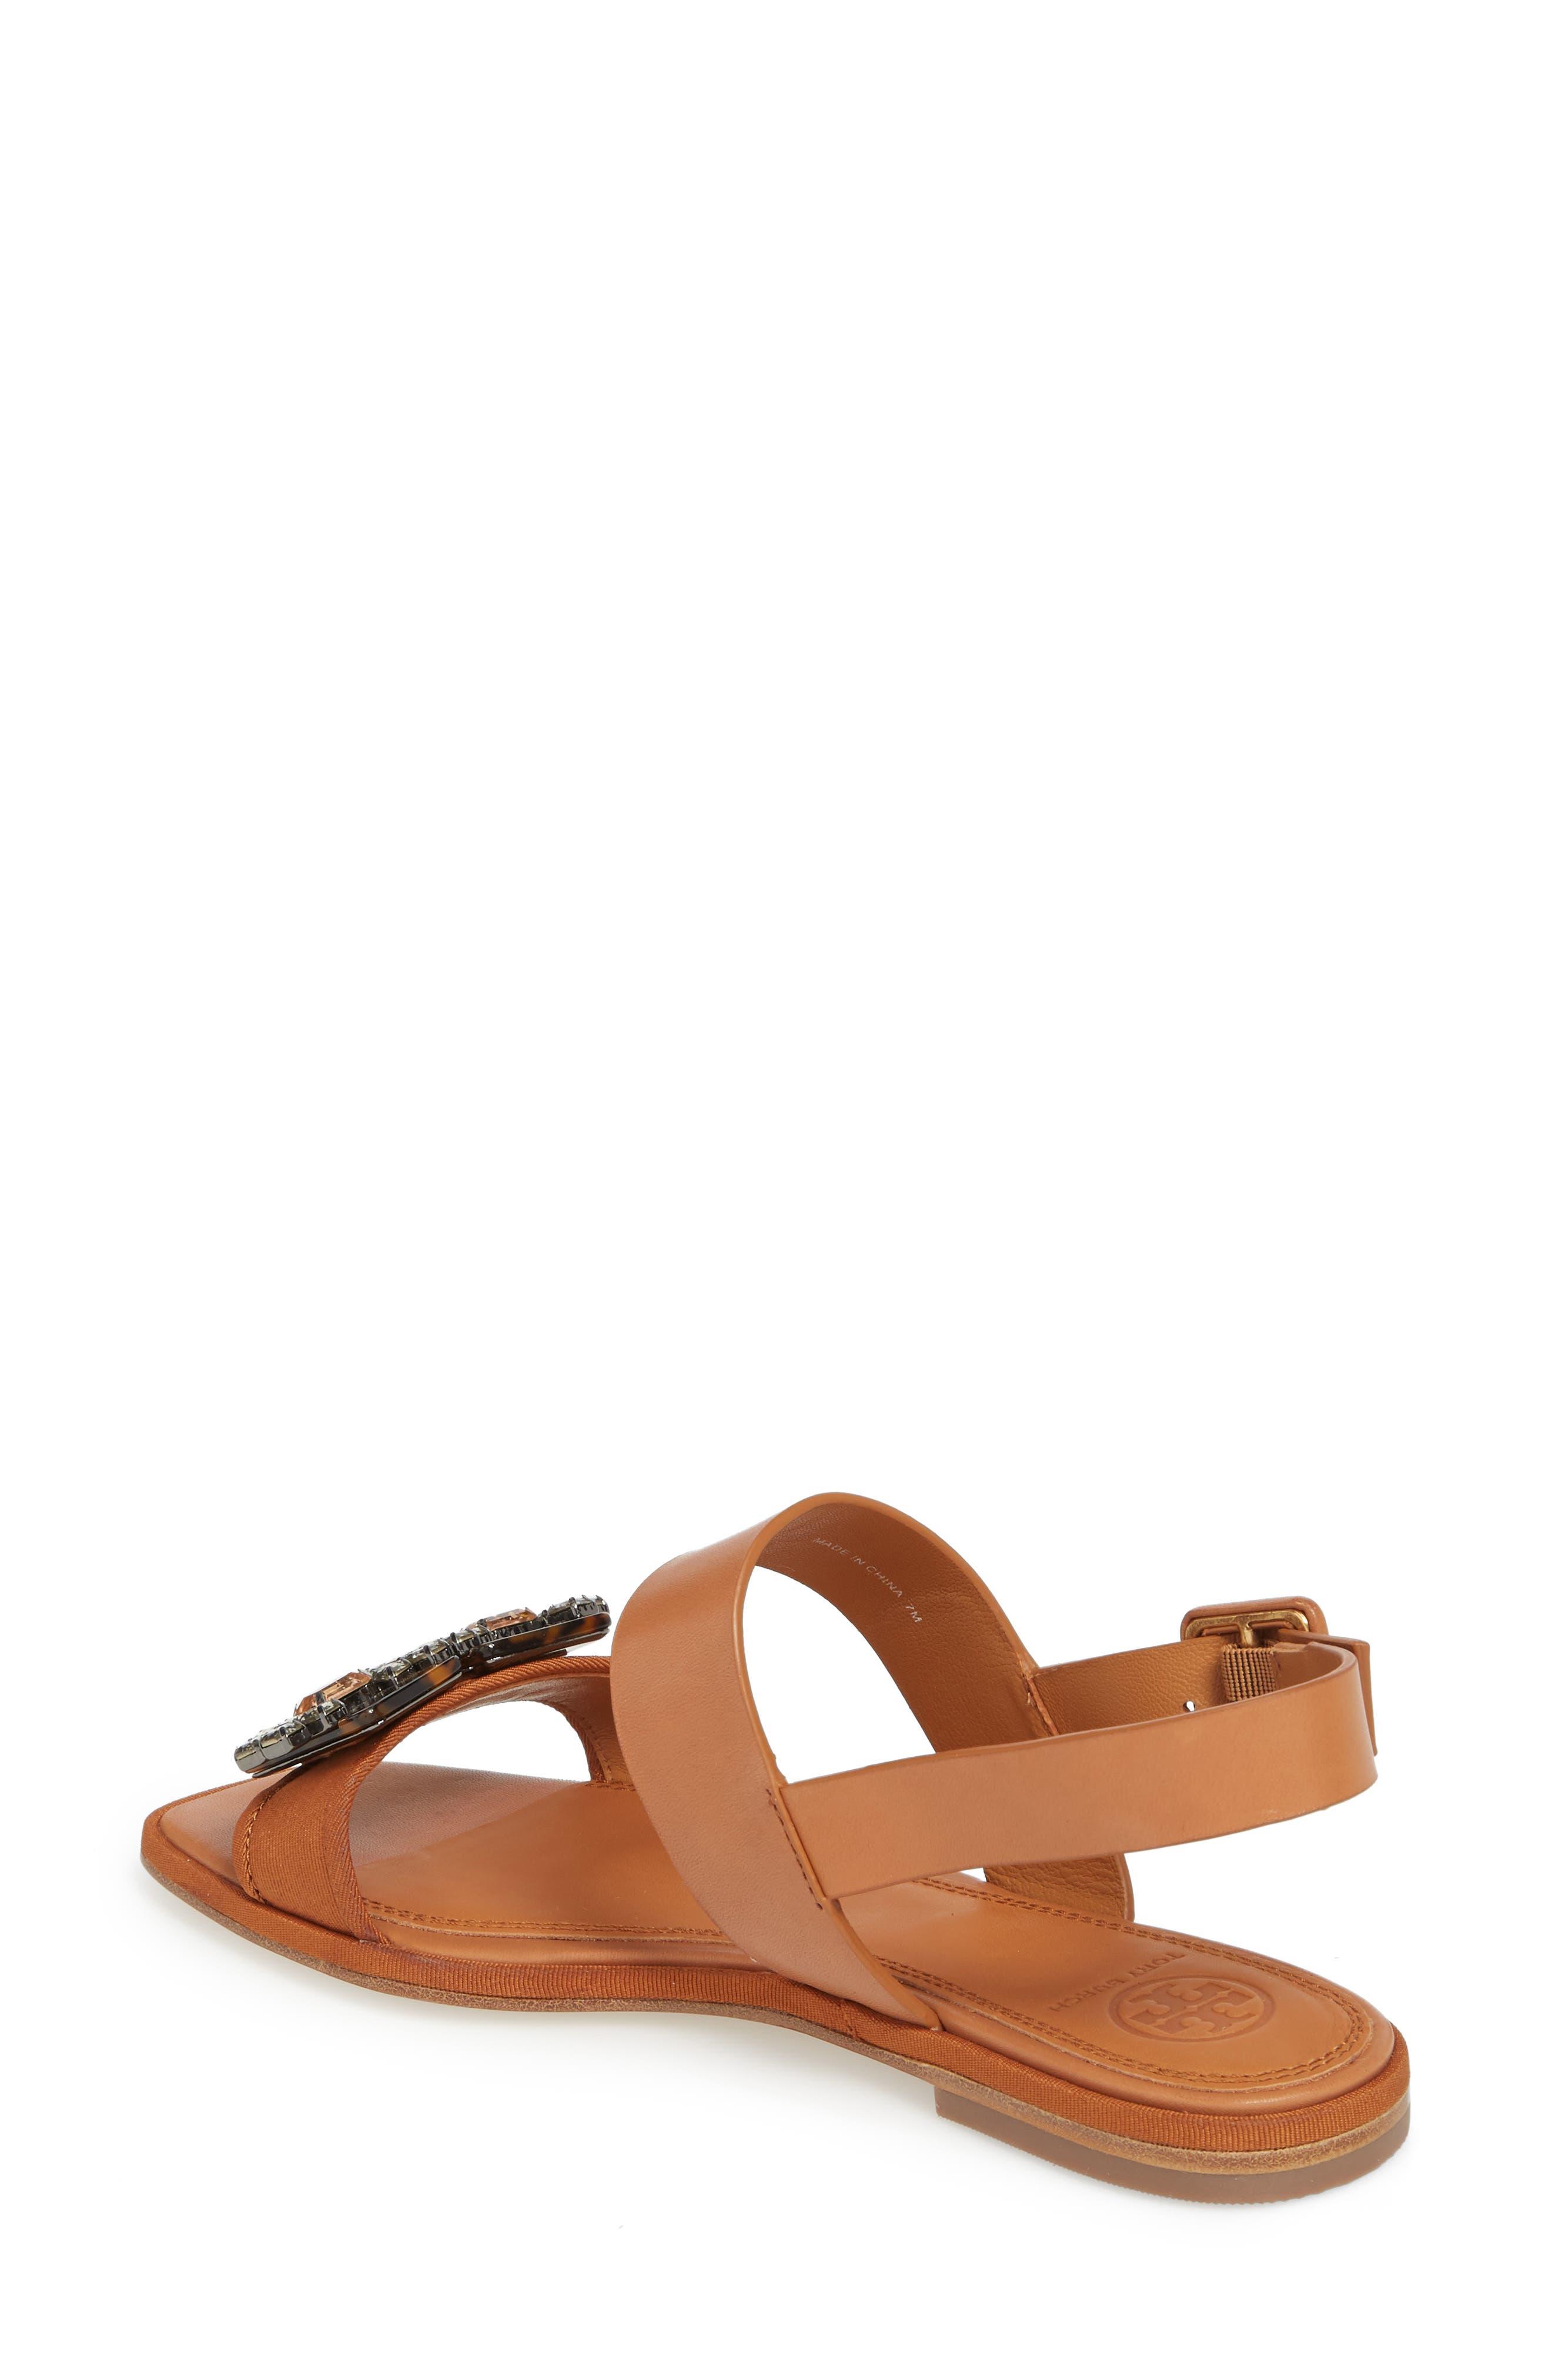 Delaney Embellished Double Strap Sandal,                             Alternate thumbnail 2, color,                             210